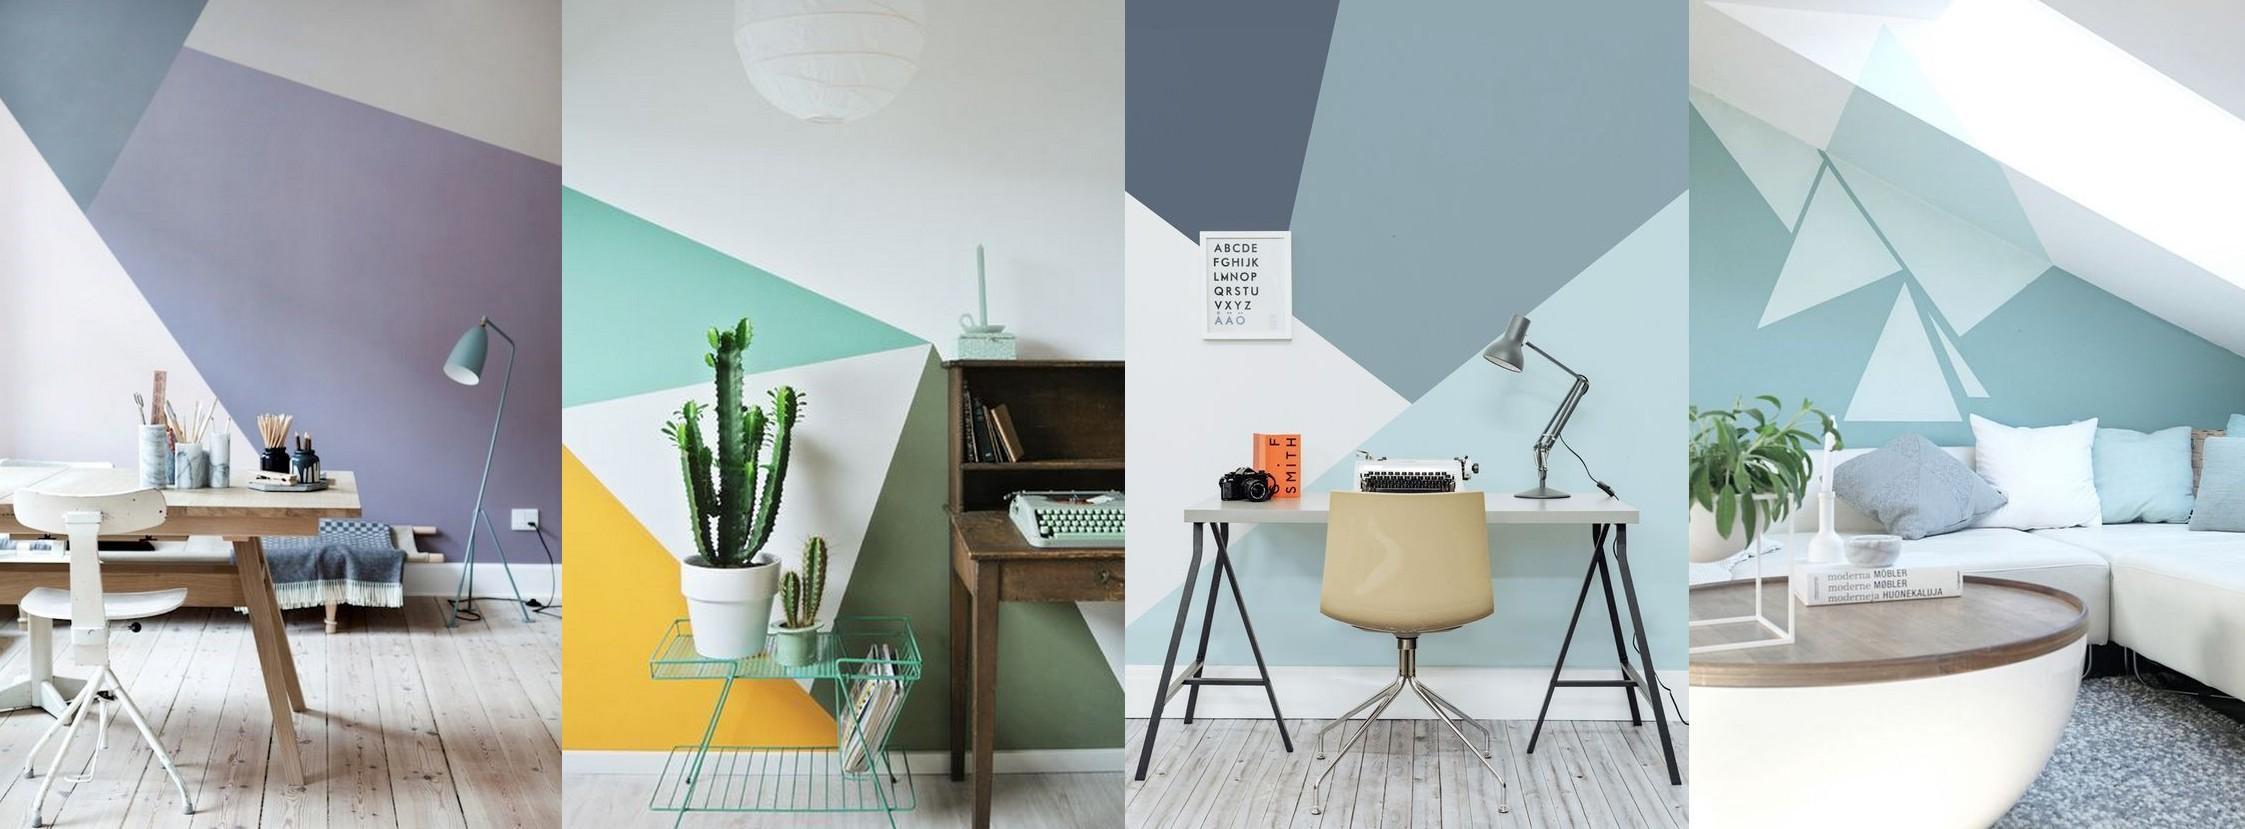 Peinture [Effet géométrie]